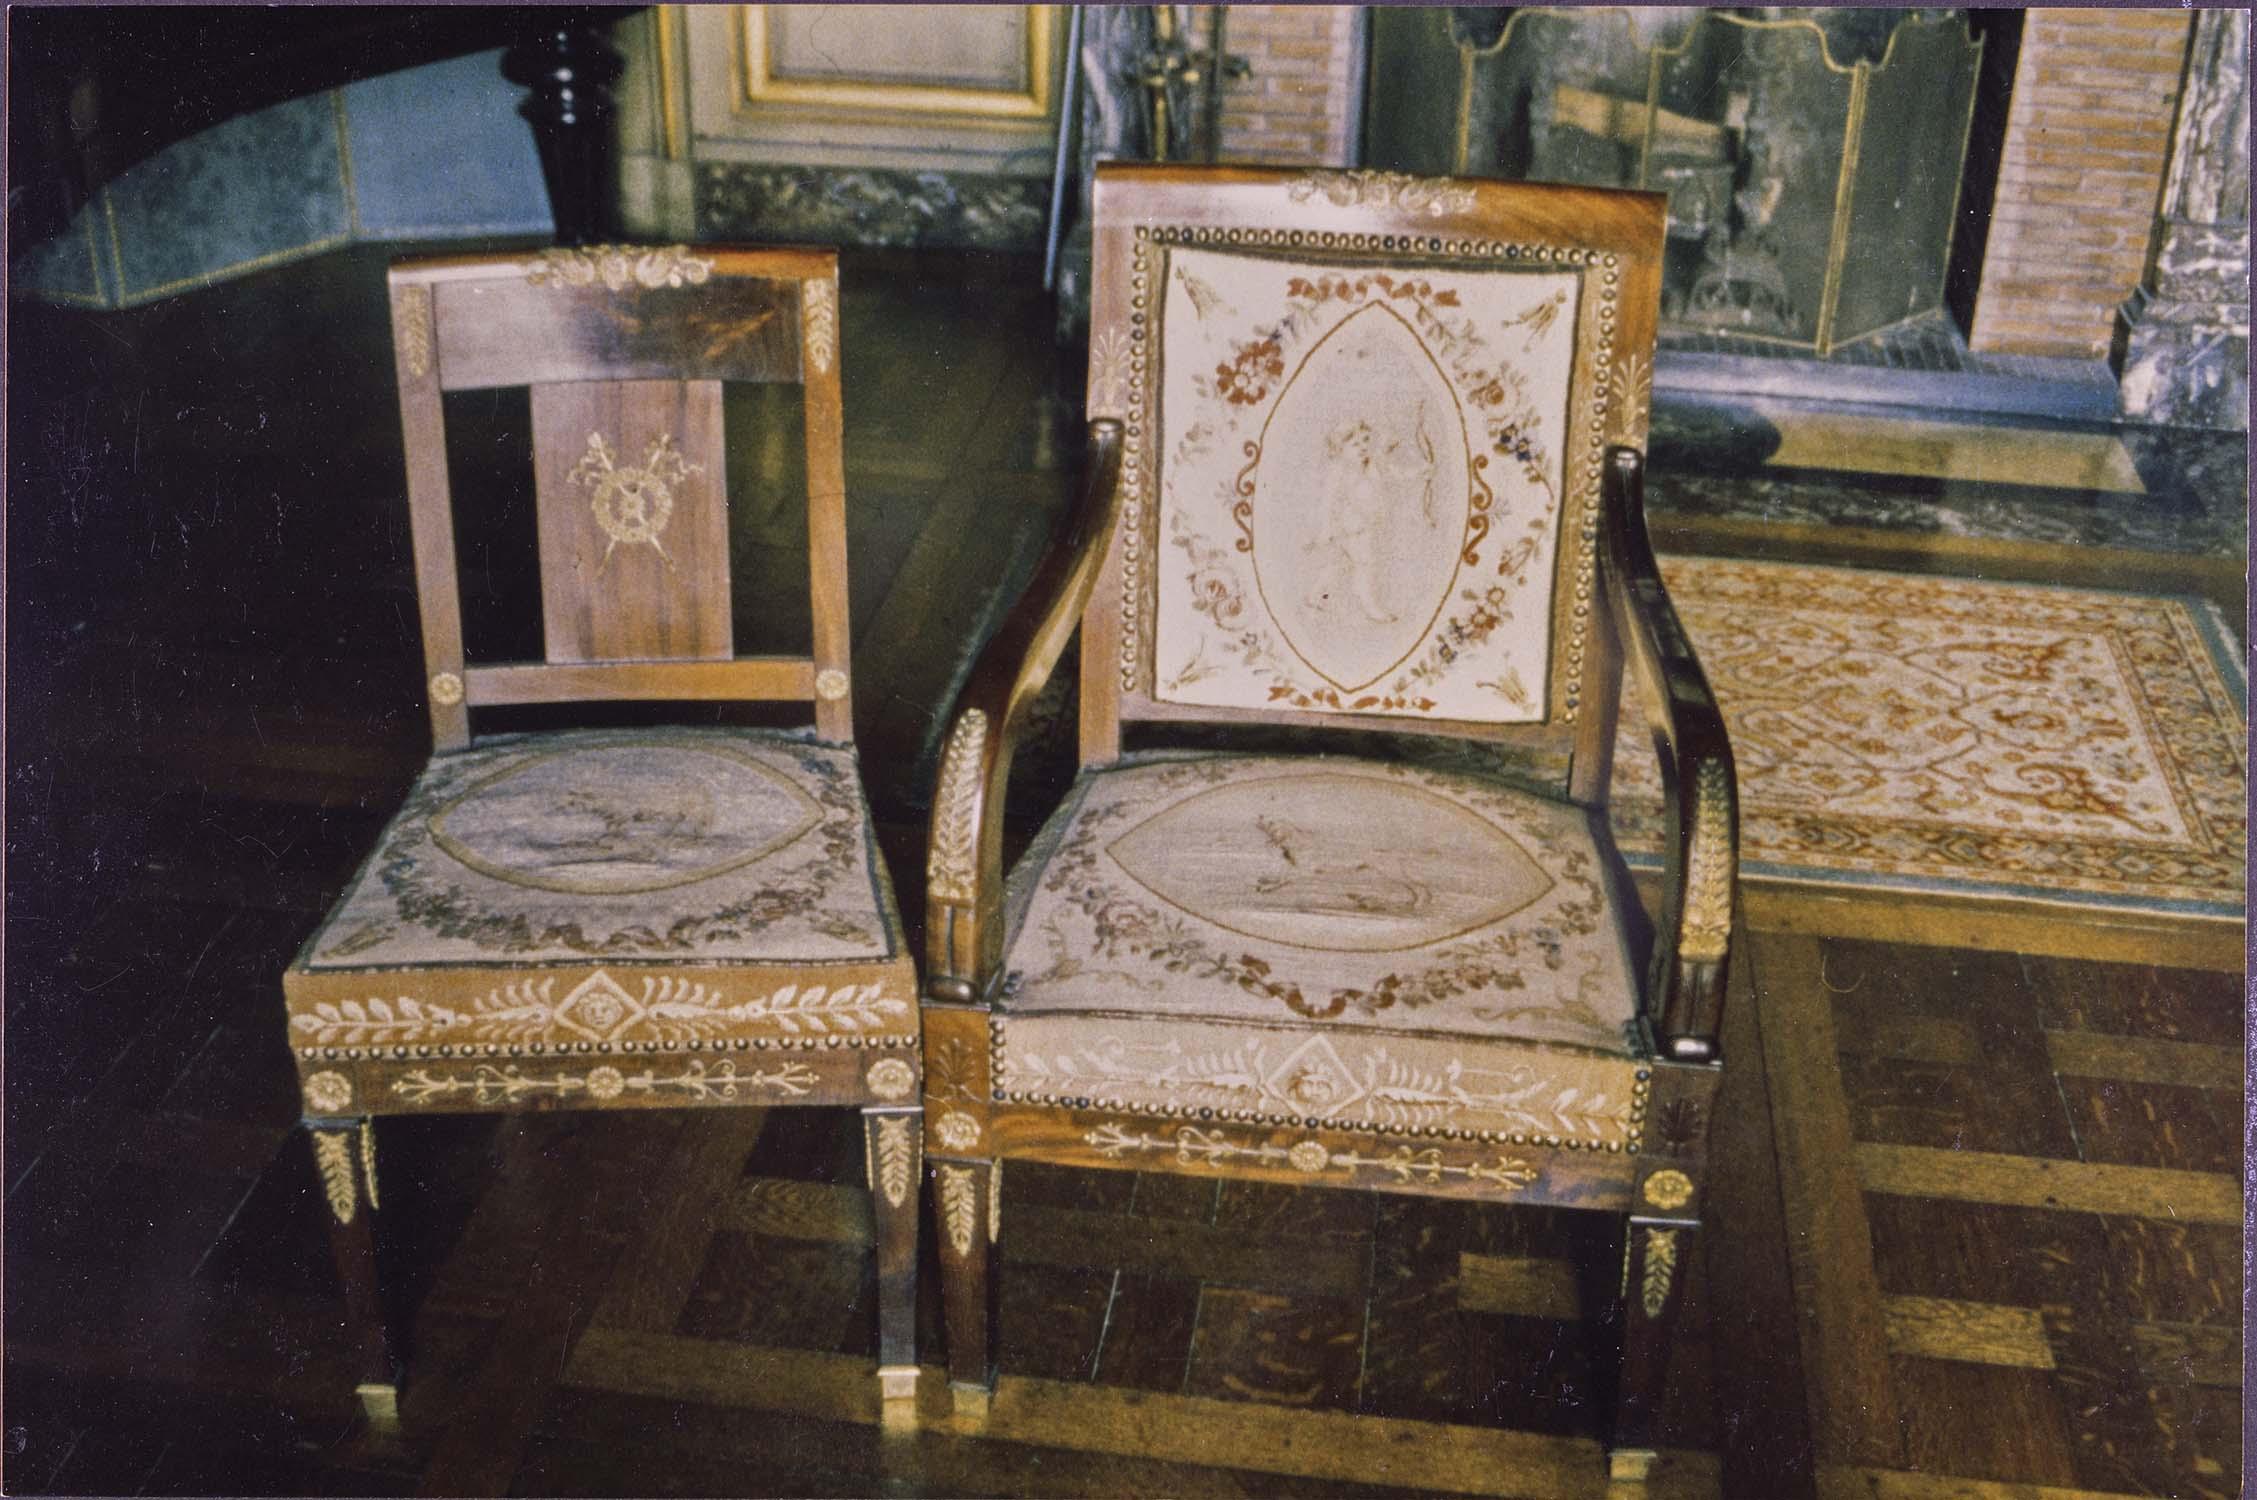 Sièges : fauteuils (8), chaises (6), canapé (1)